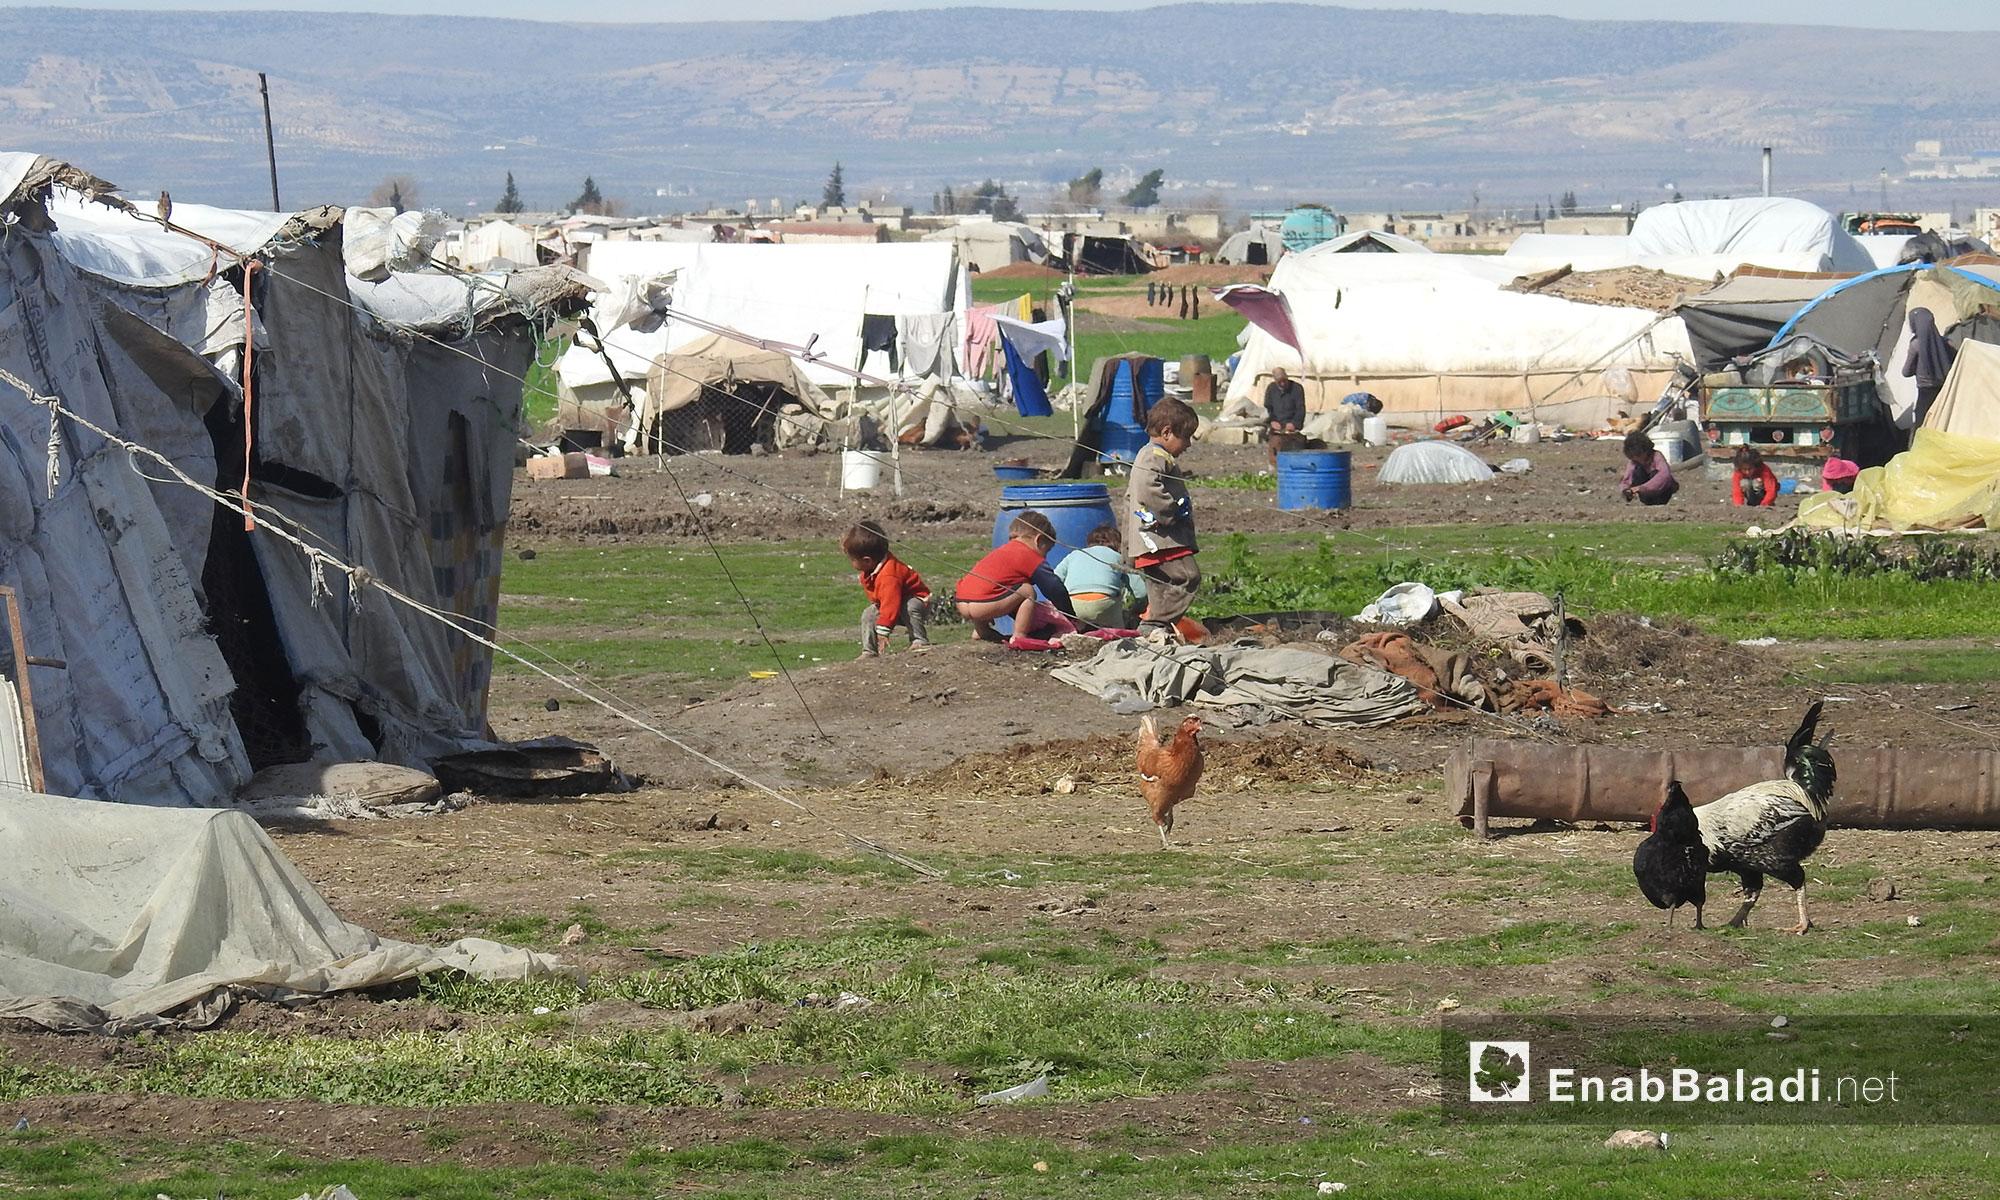 أطفال النازحين في مخيم البرج بريف حلب الشمالي -  19 شباط 2018 (عنب بلدي)